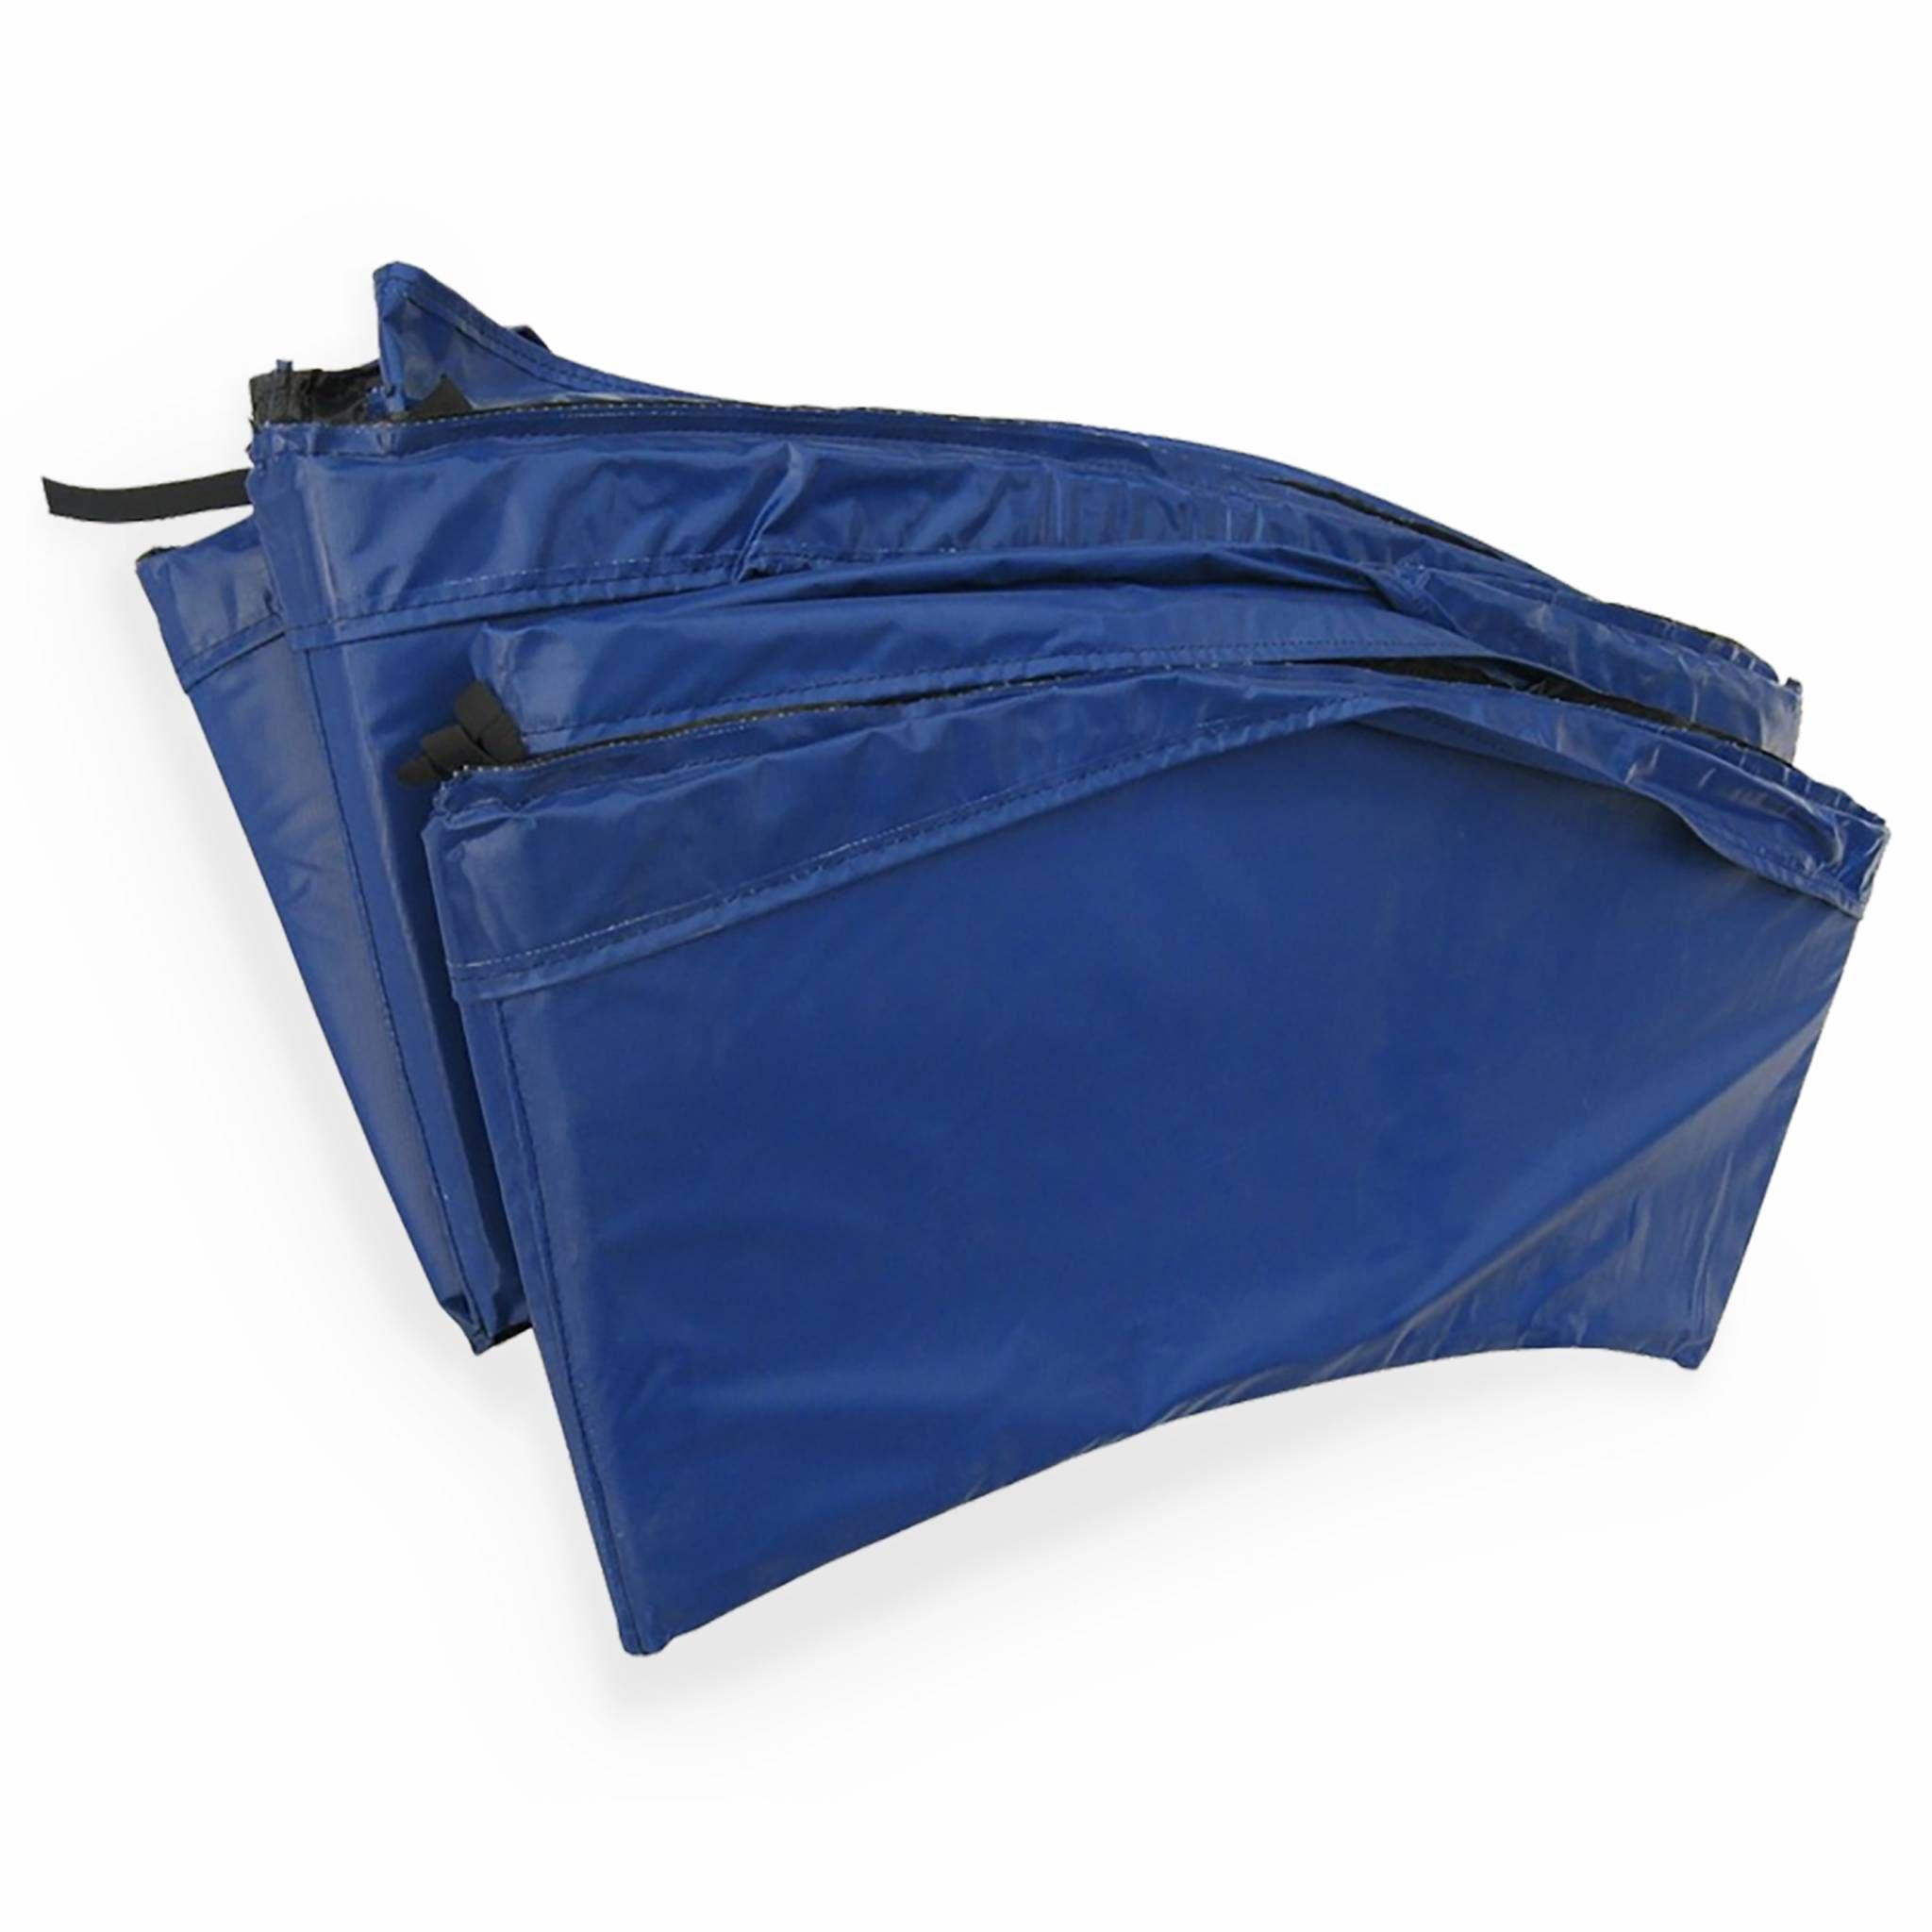 pour trampoline 490cm Achat / Vente accessoires trampoline